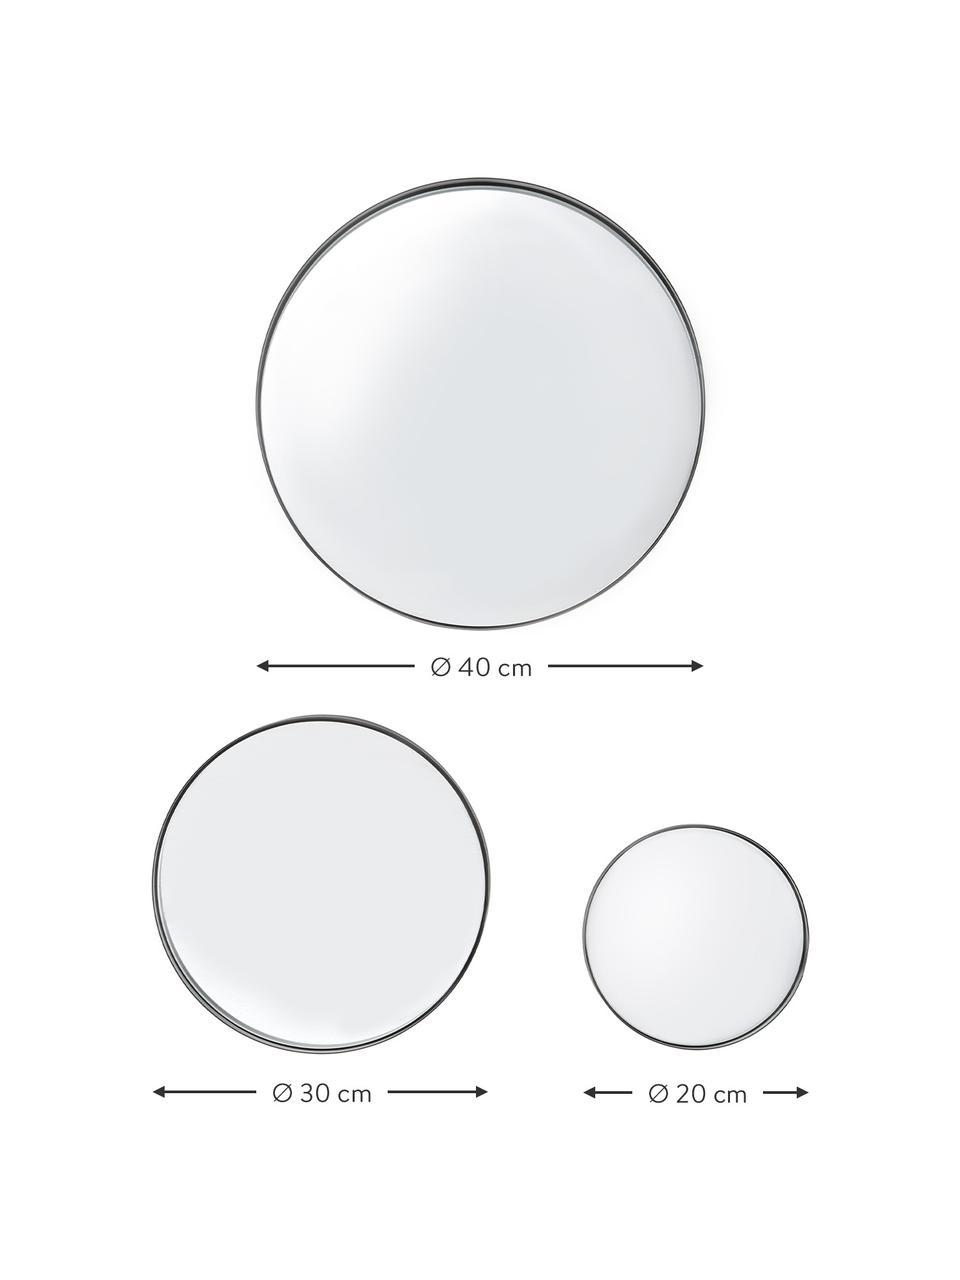 Rundes Wandspiegel-Set Ivy mit schwarzem Metallrahmen, 3-tlg, Rahmen: Metall, pulverbeschichtet, Rückseite: Mitteldichte Holzfaserpla, Spiegelfläche: Spiegelglas, Schwarz, Set mit verschiedenen Größen